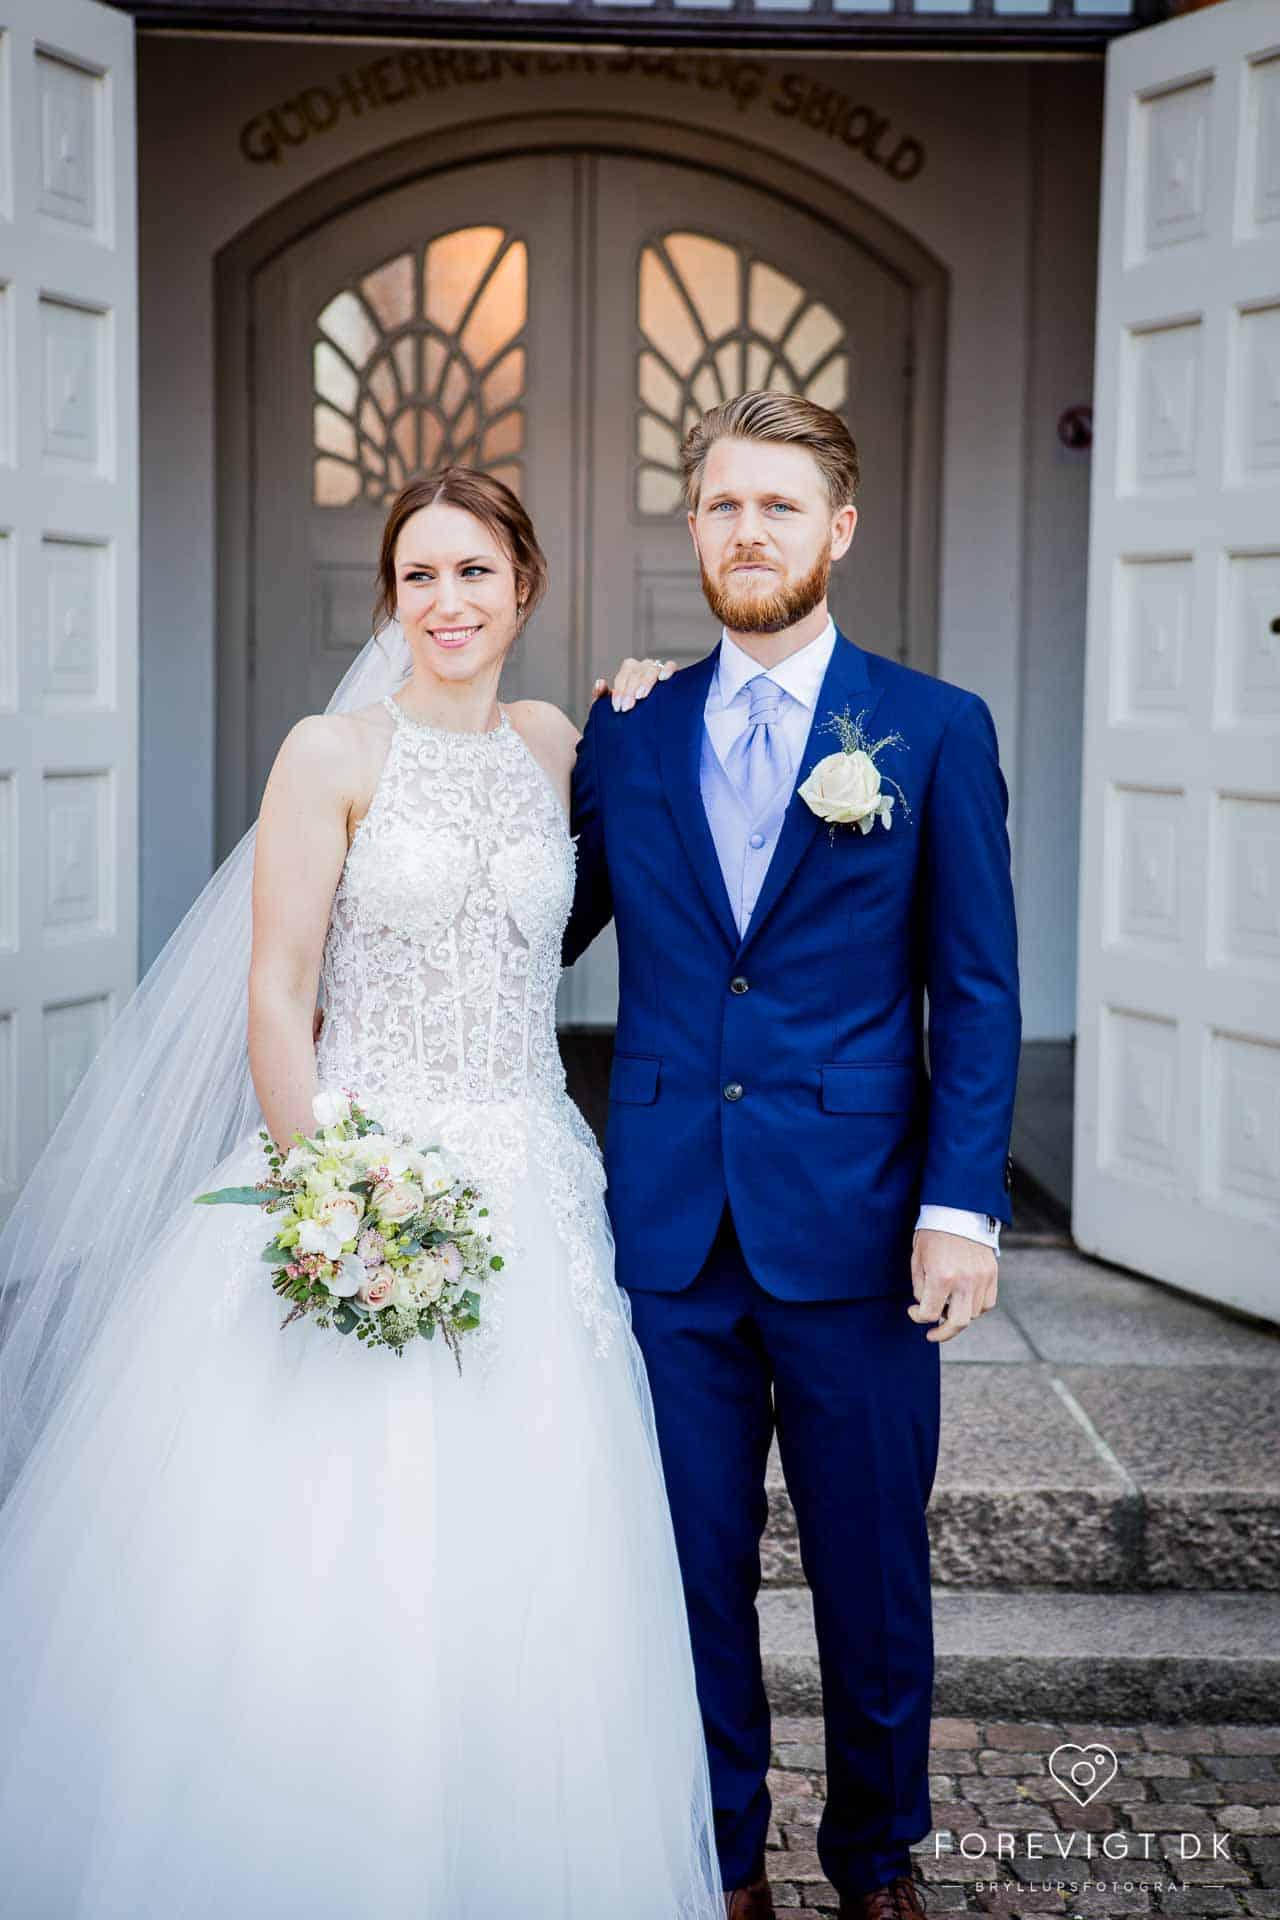 Bryllupsfotograf - Fotograf Esbjerg